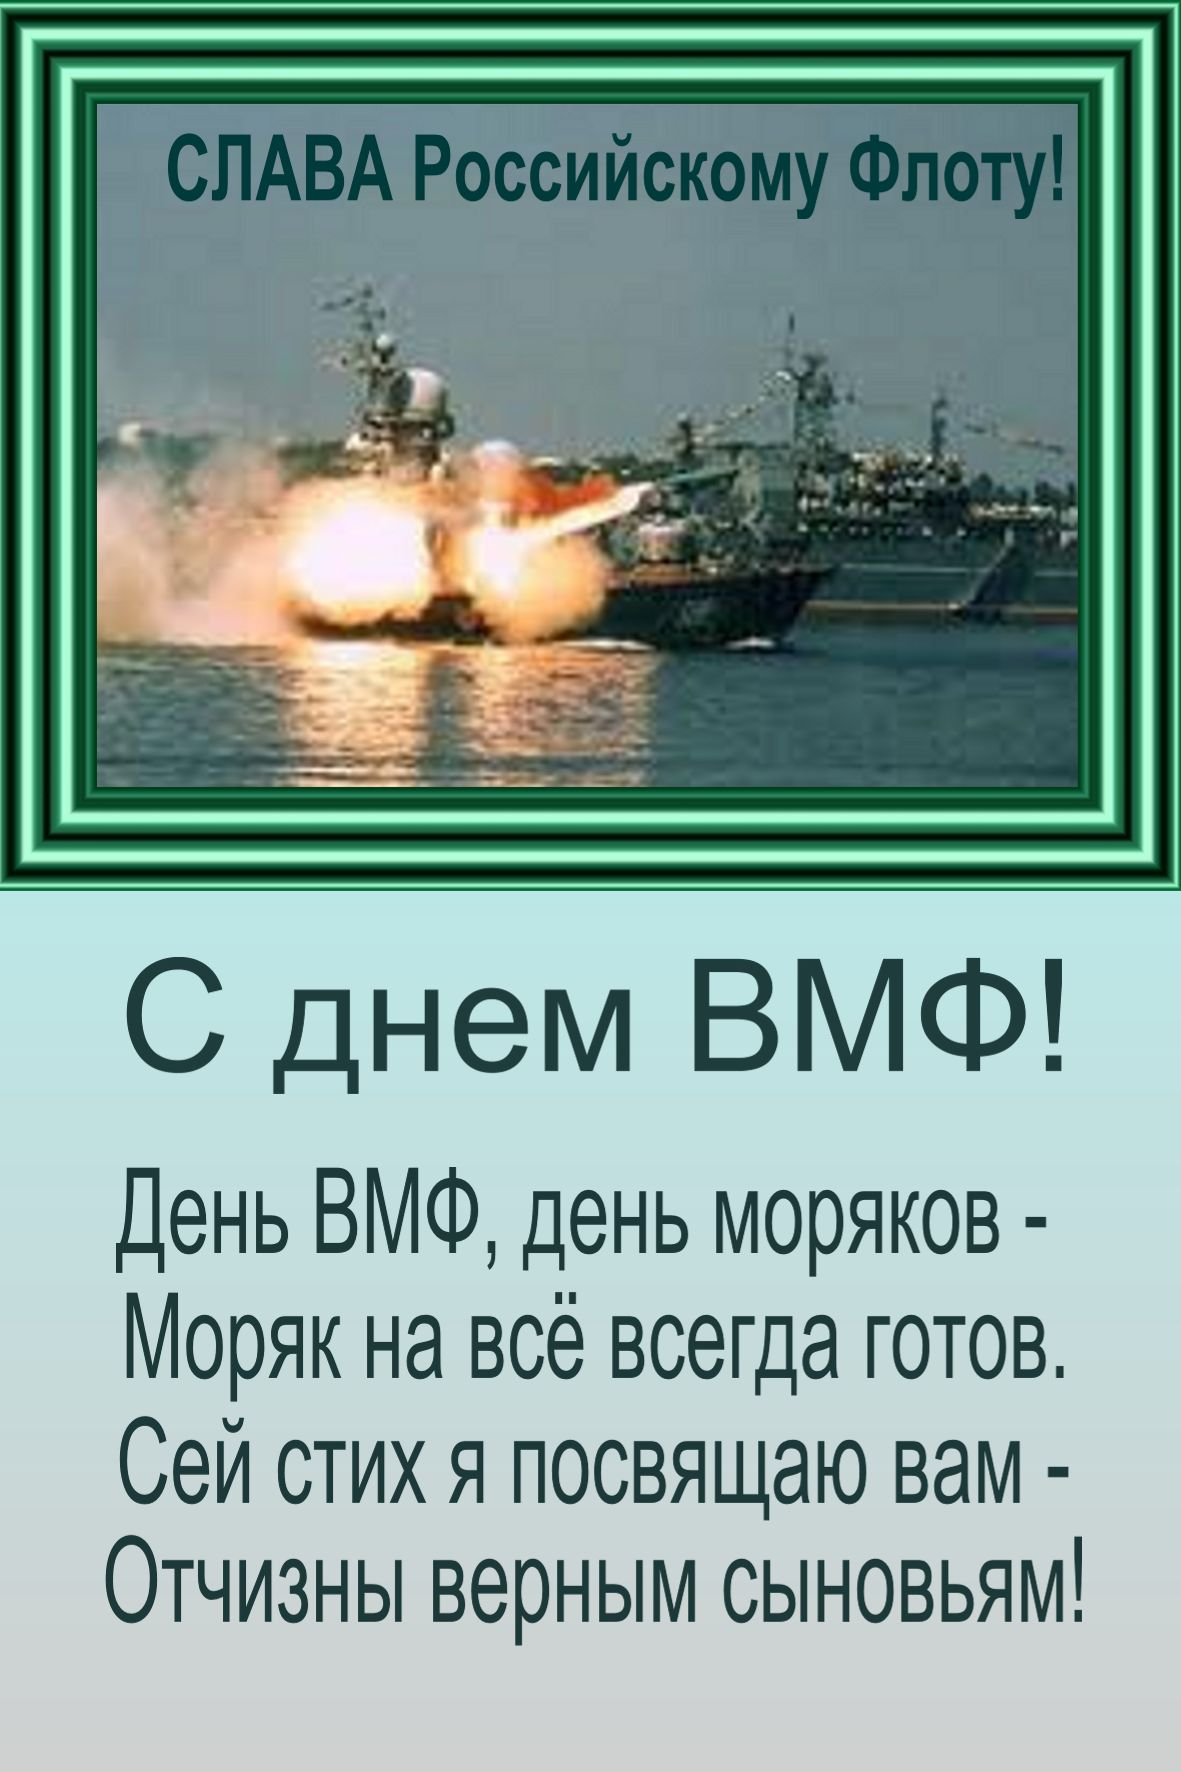 Открытка на день ВМФ и крейсер